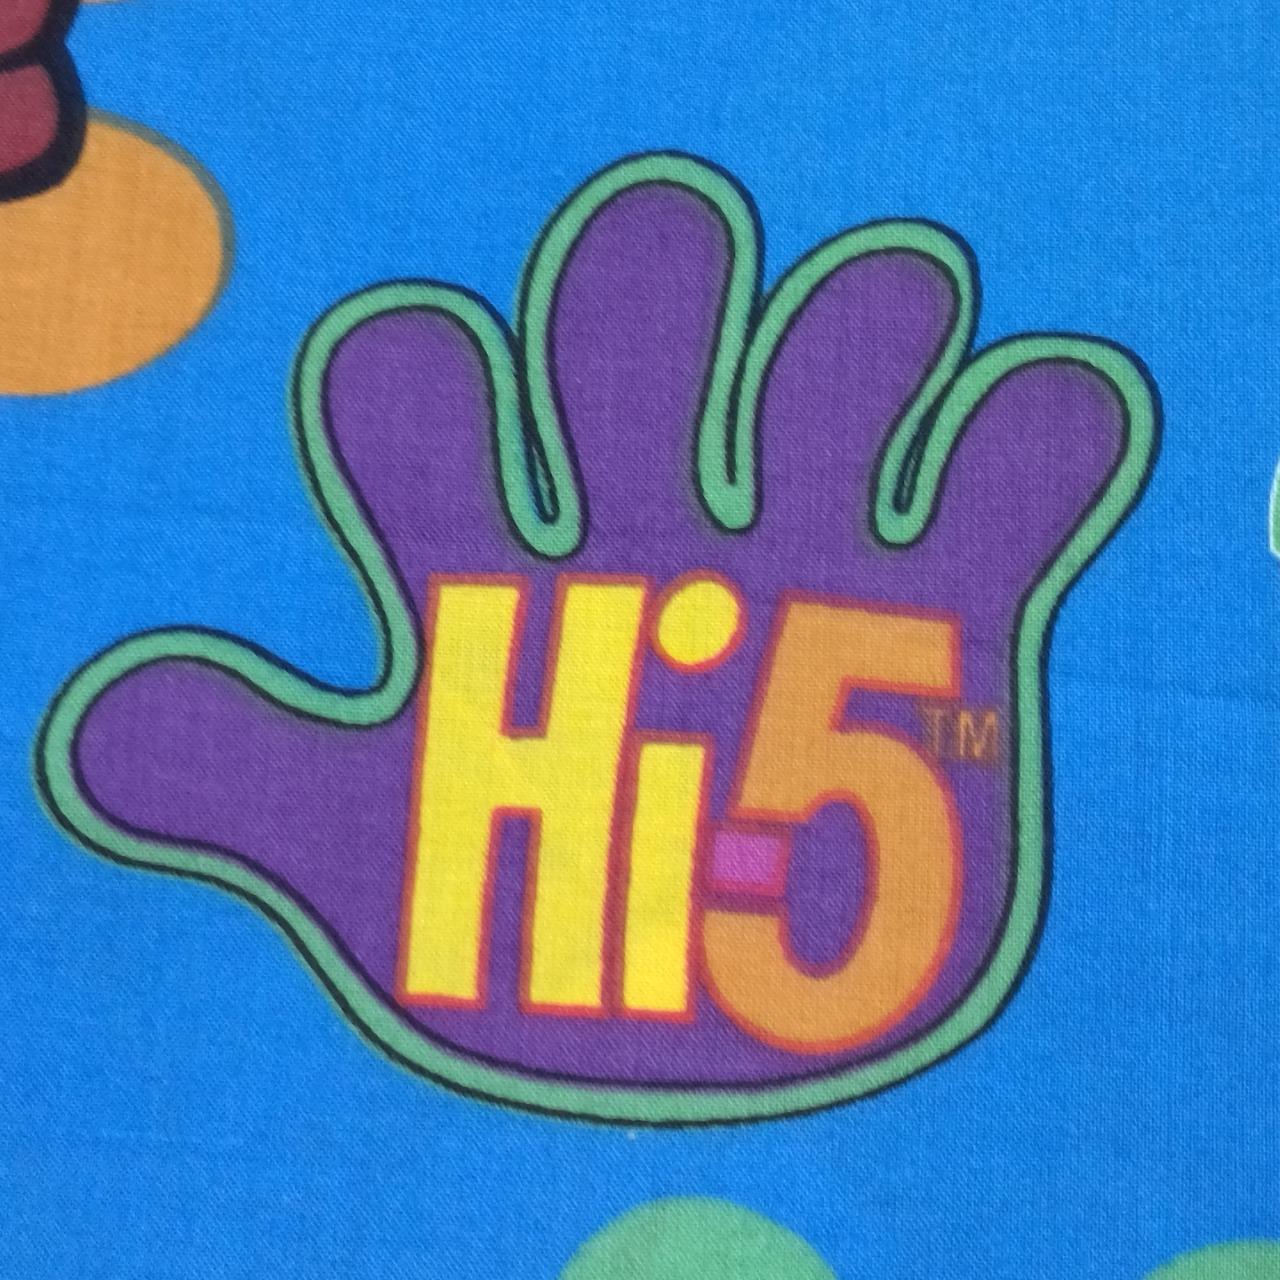 Hi 5 Colorful Material 108 cm x 216 cm